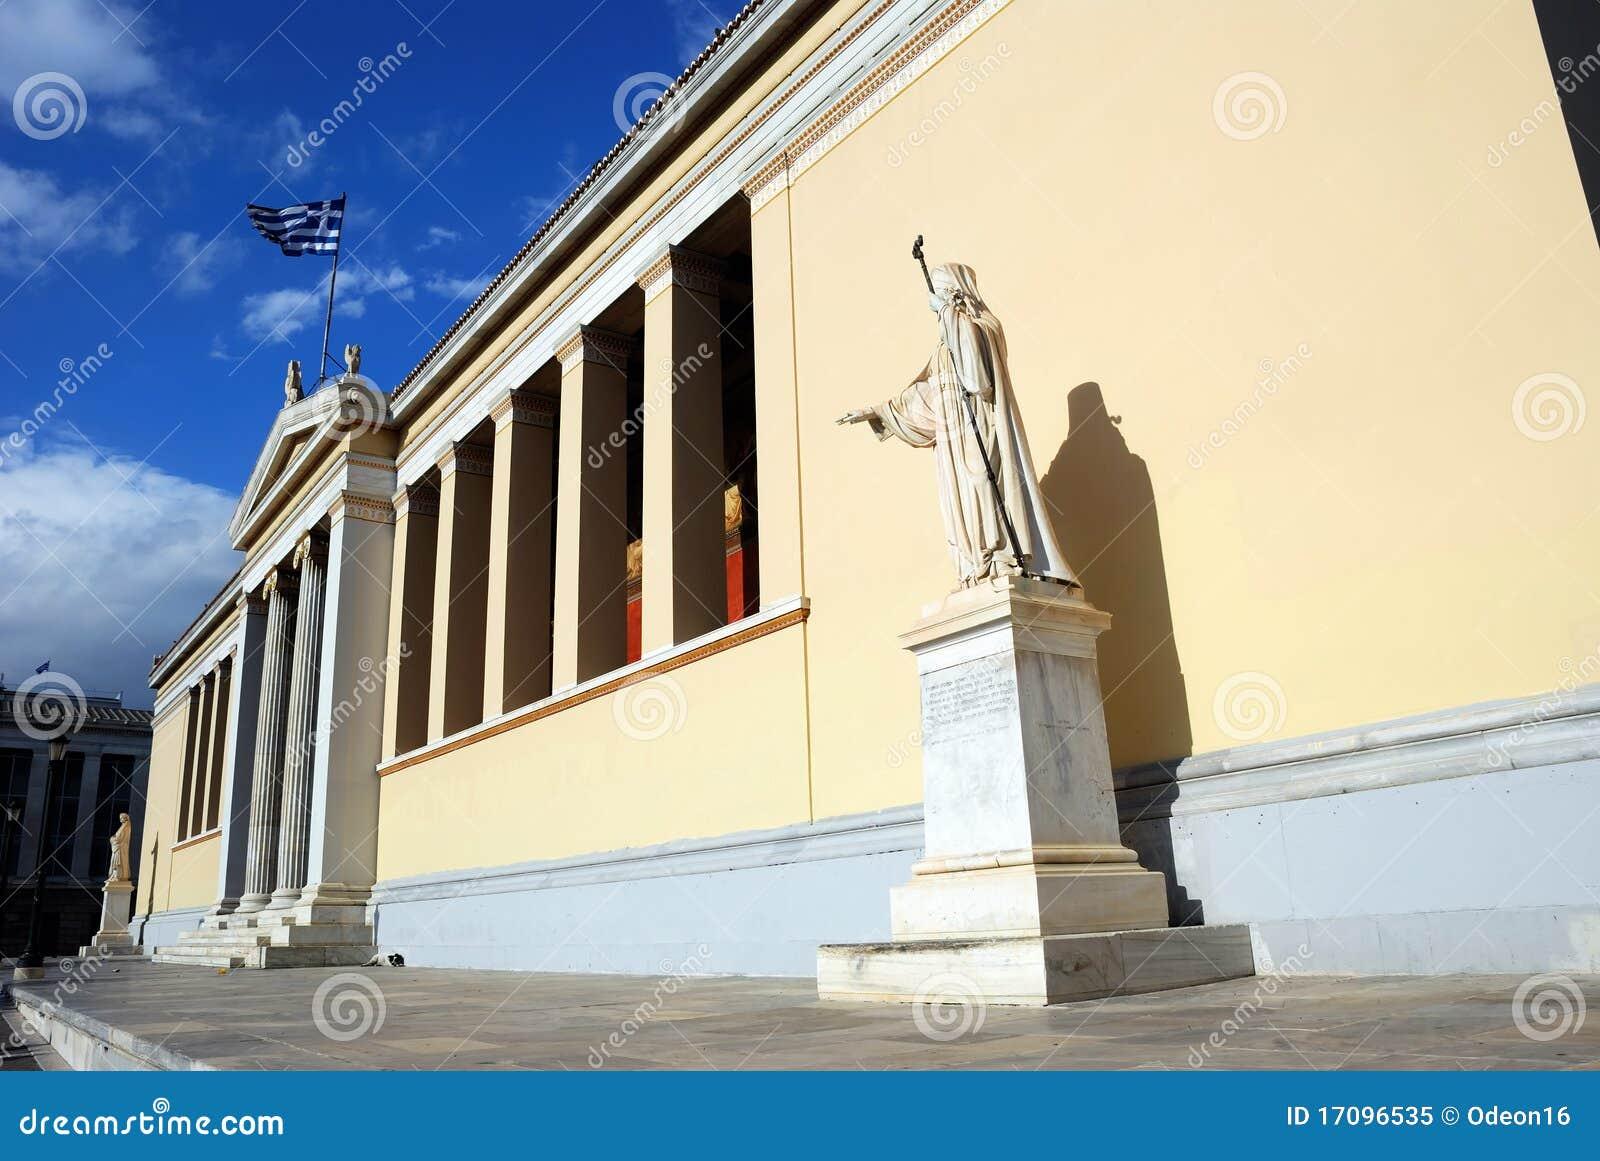 Universität von Athen - das Hauptgebäude (Griechenland)